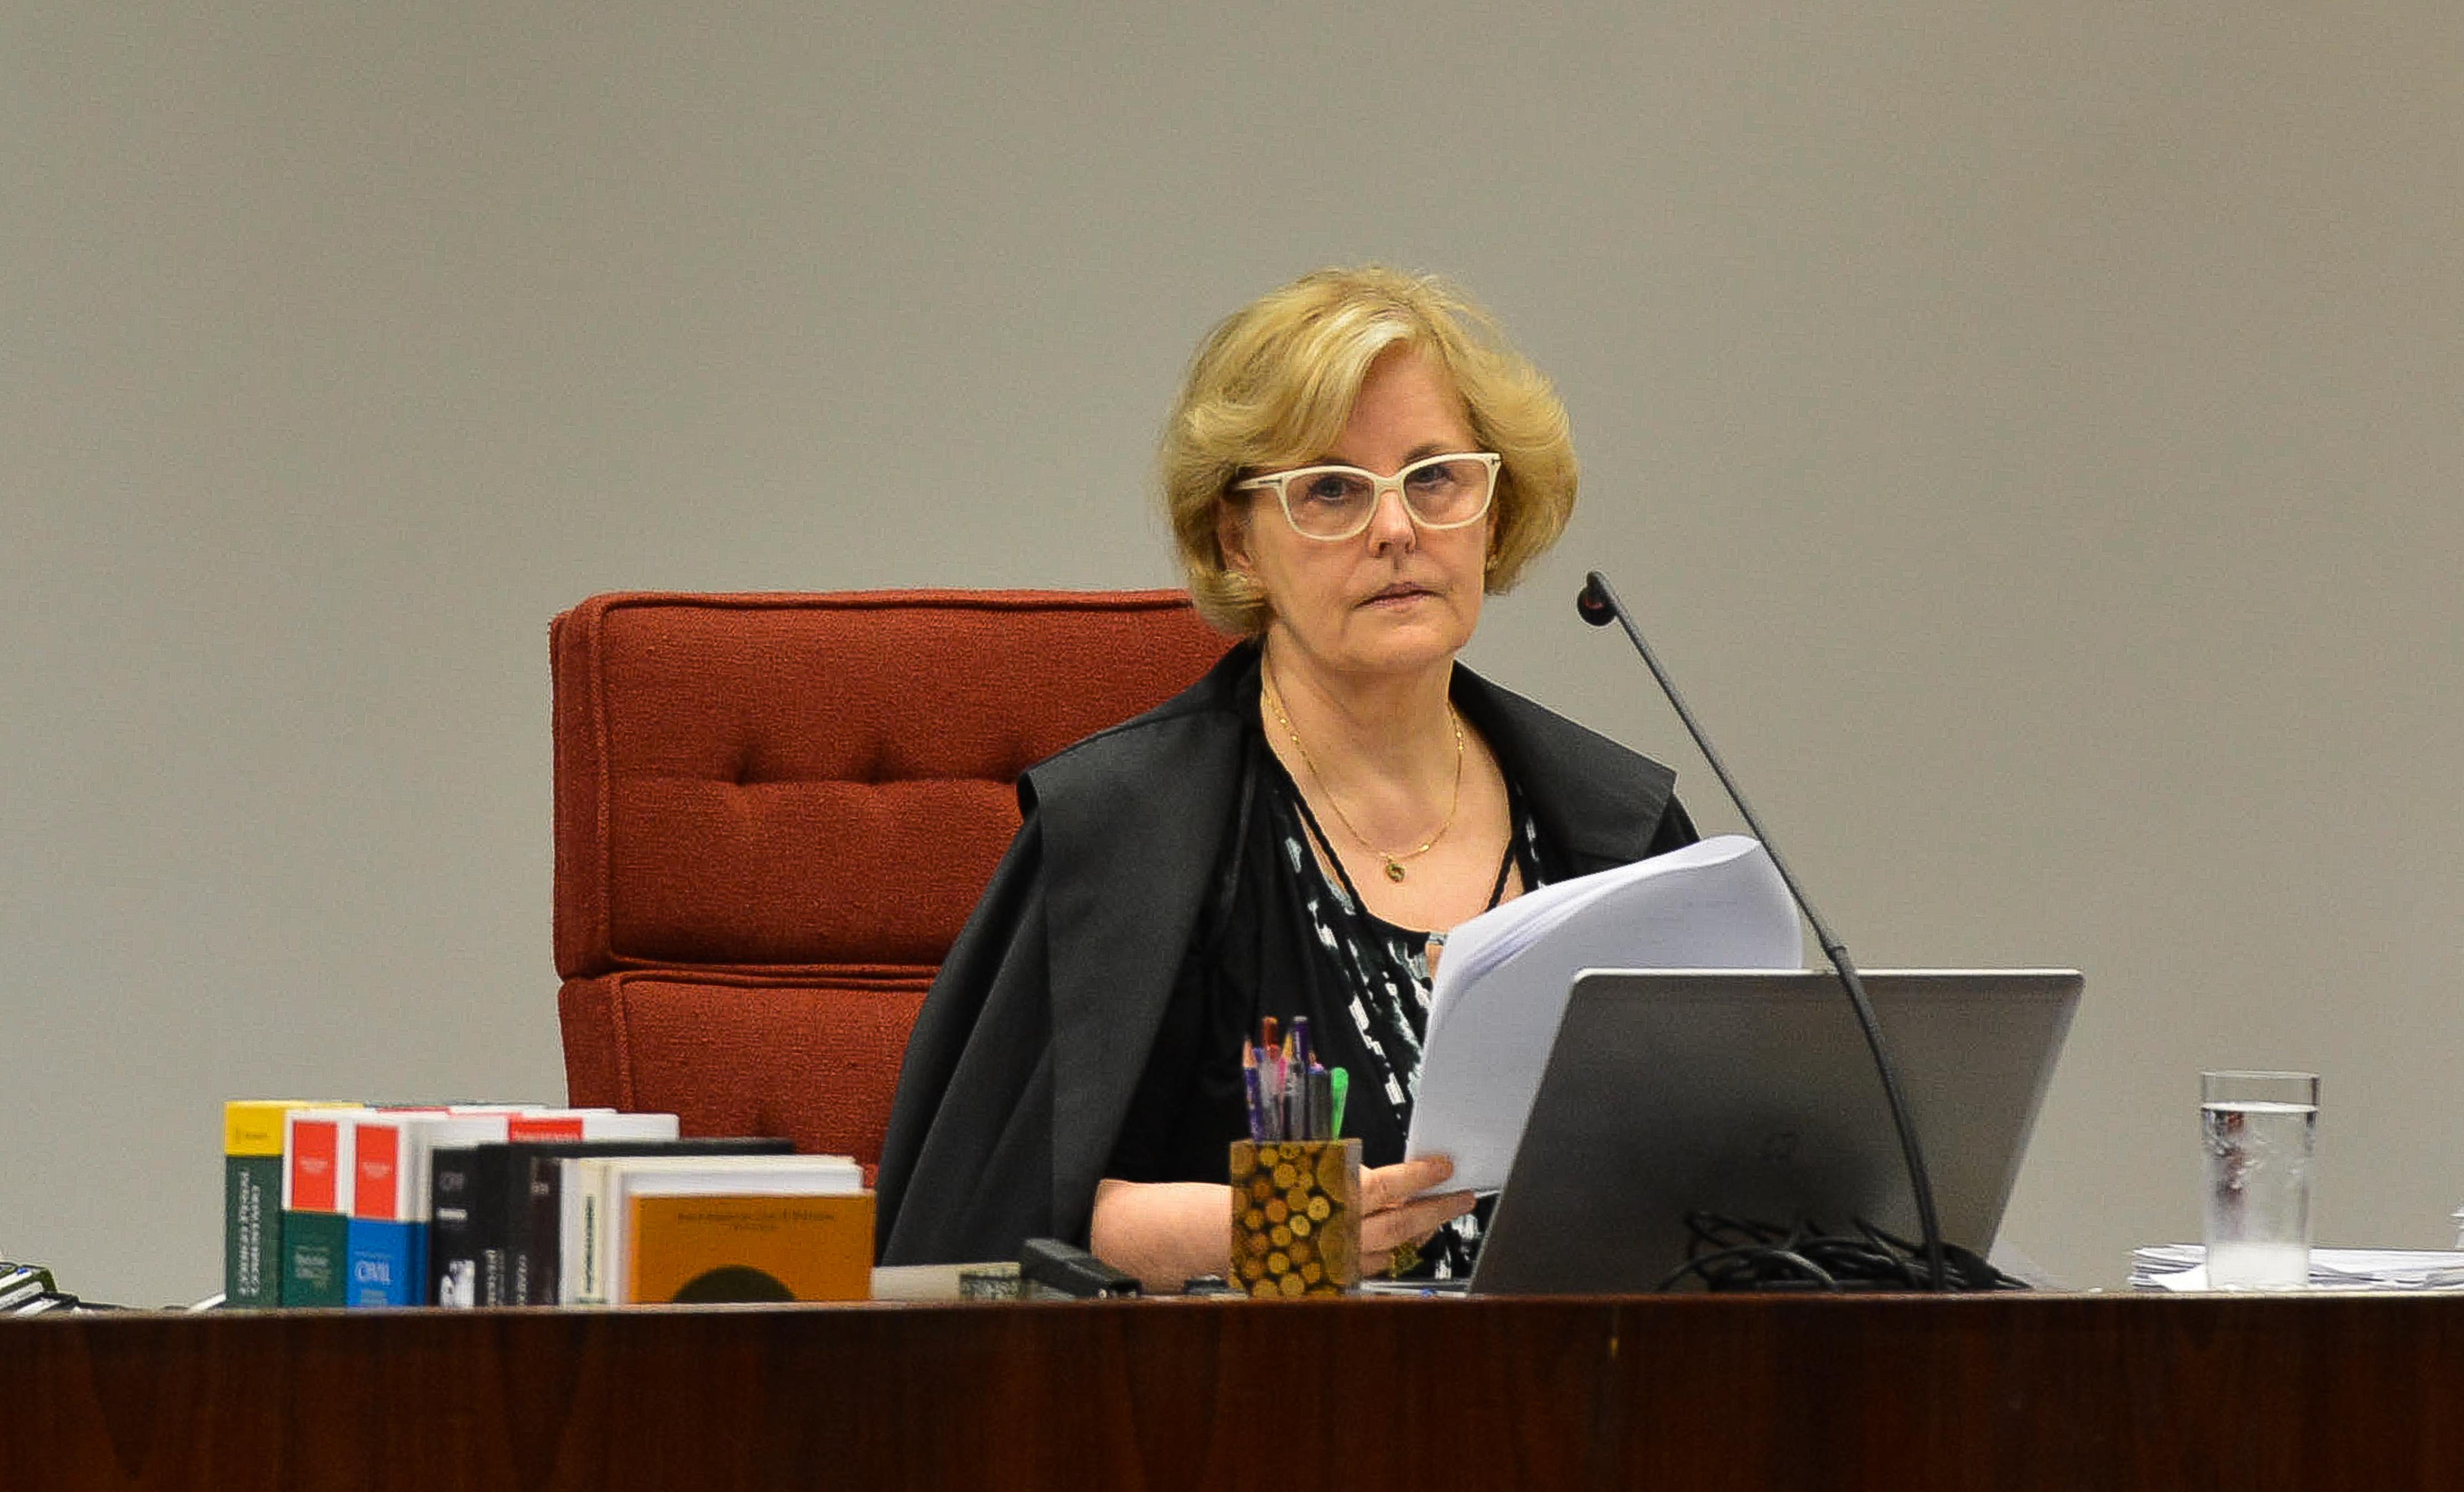 Ministra Rosa Weber vai decidir recurso de Lula no Supremo | Folha ...